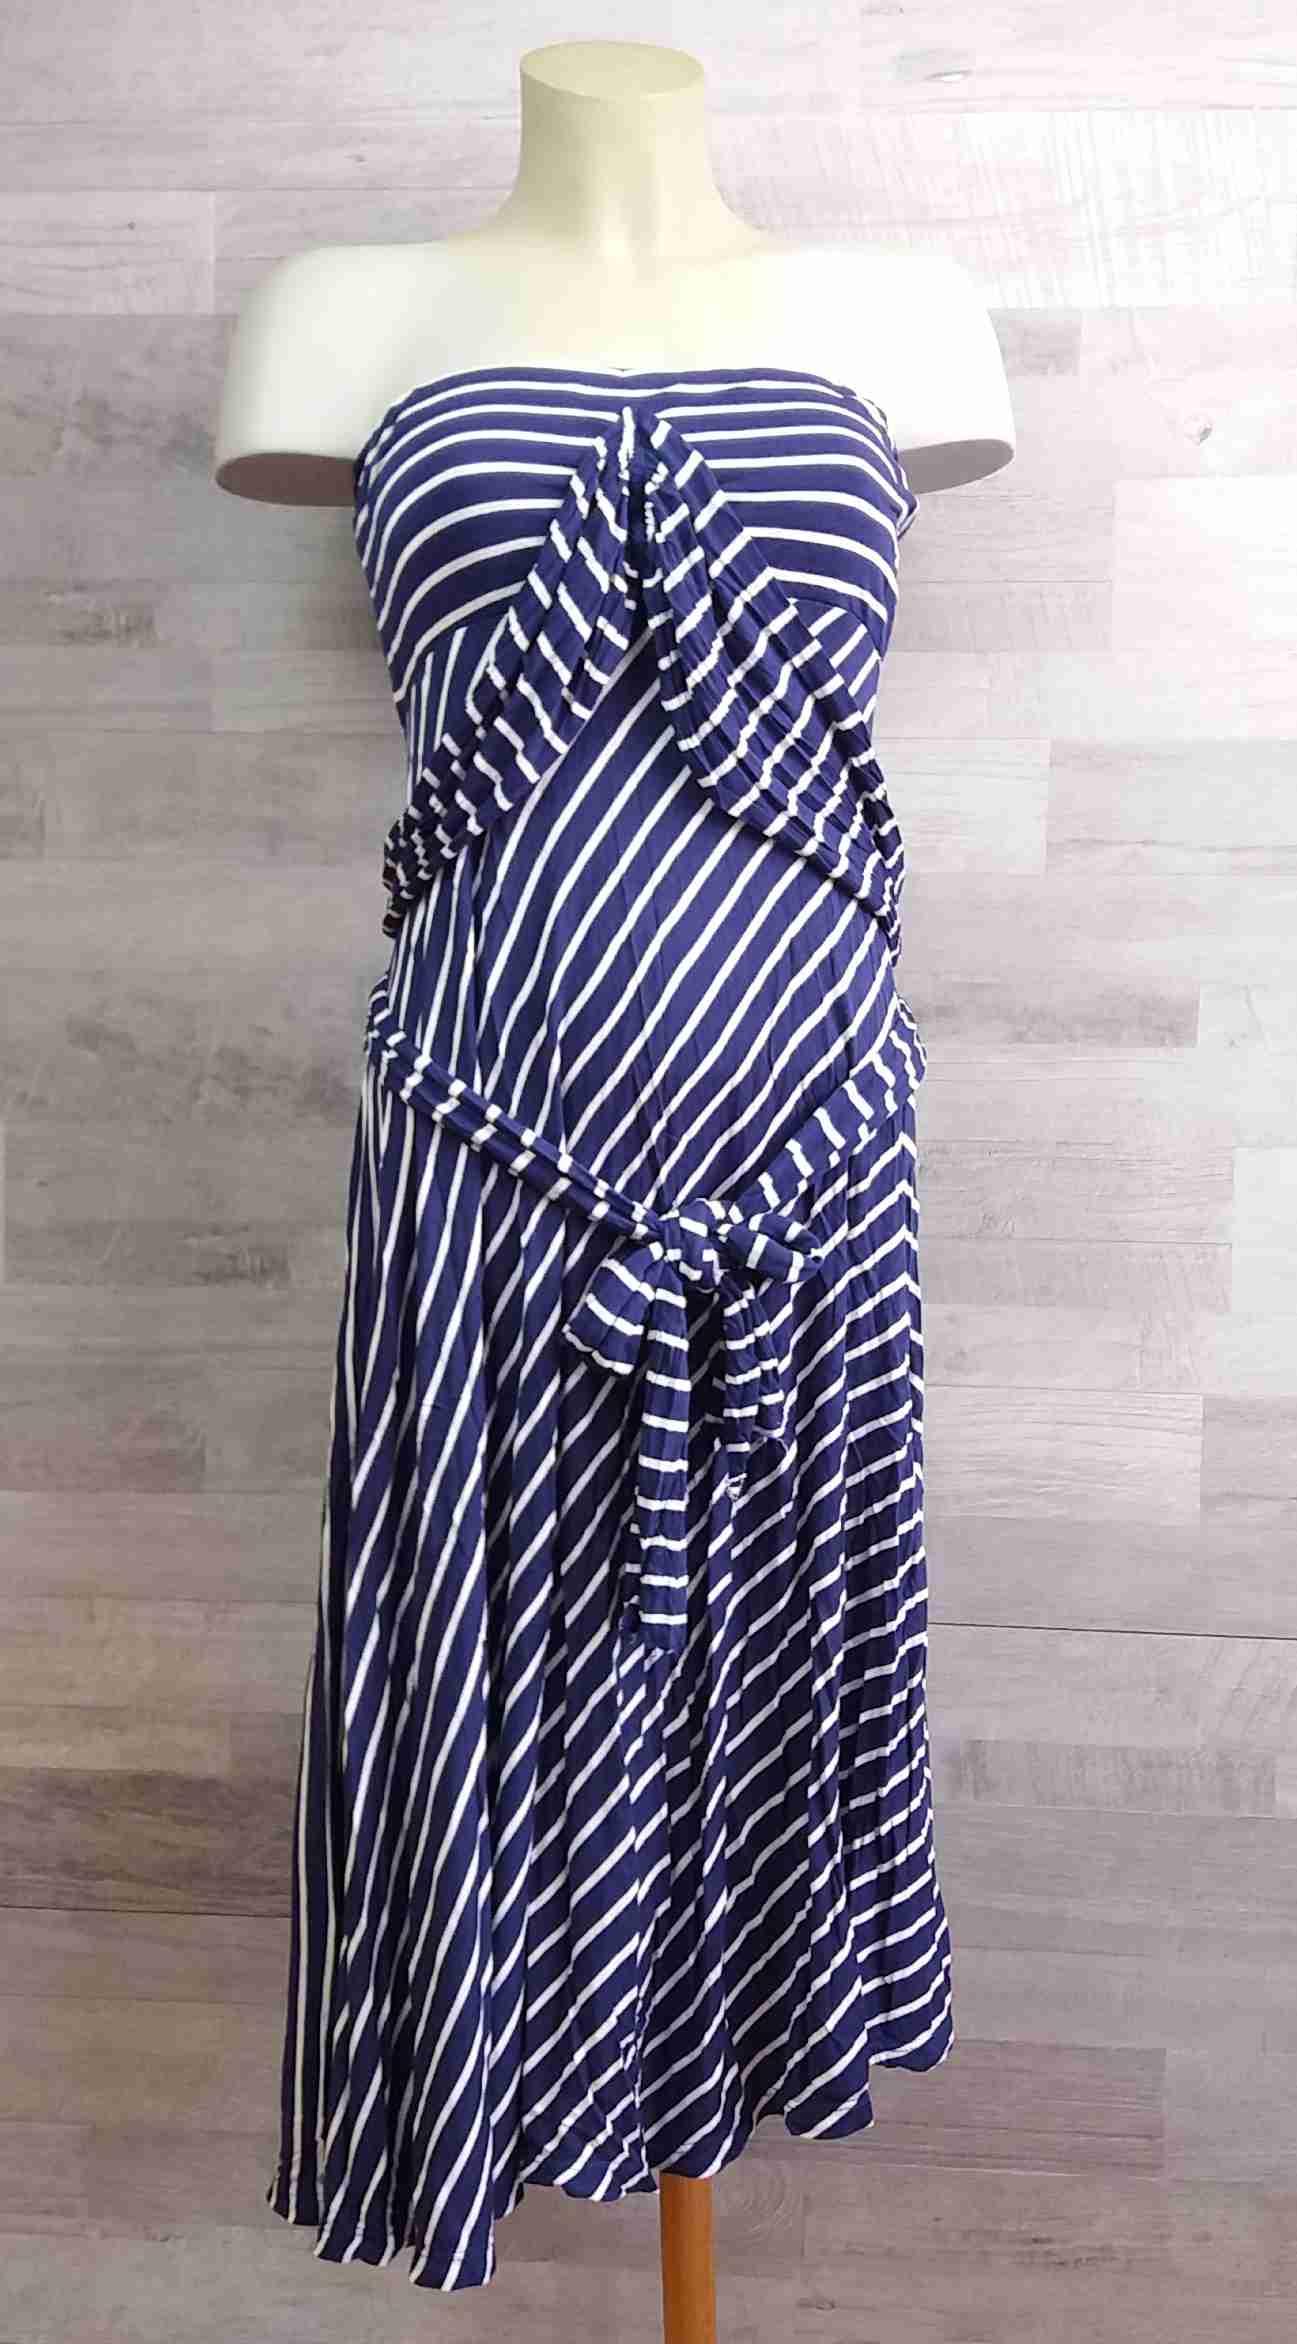 434abf37b7a šaty pruhované bílomodré vel S